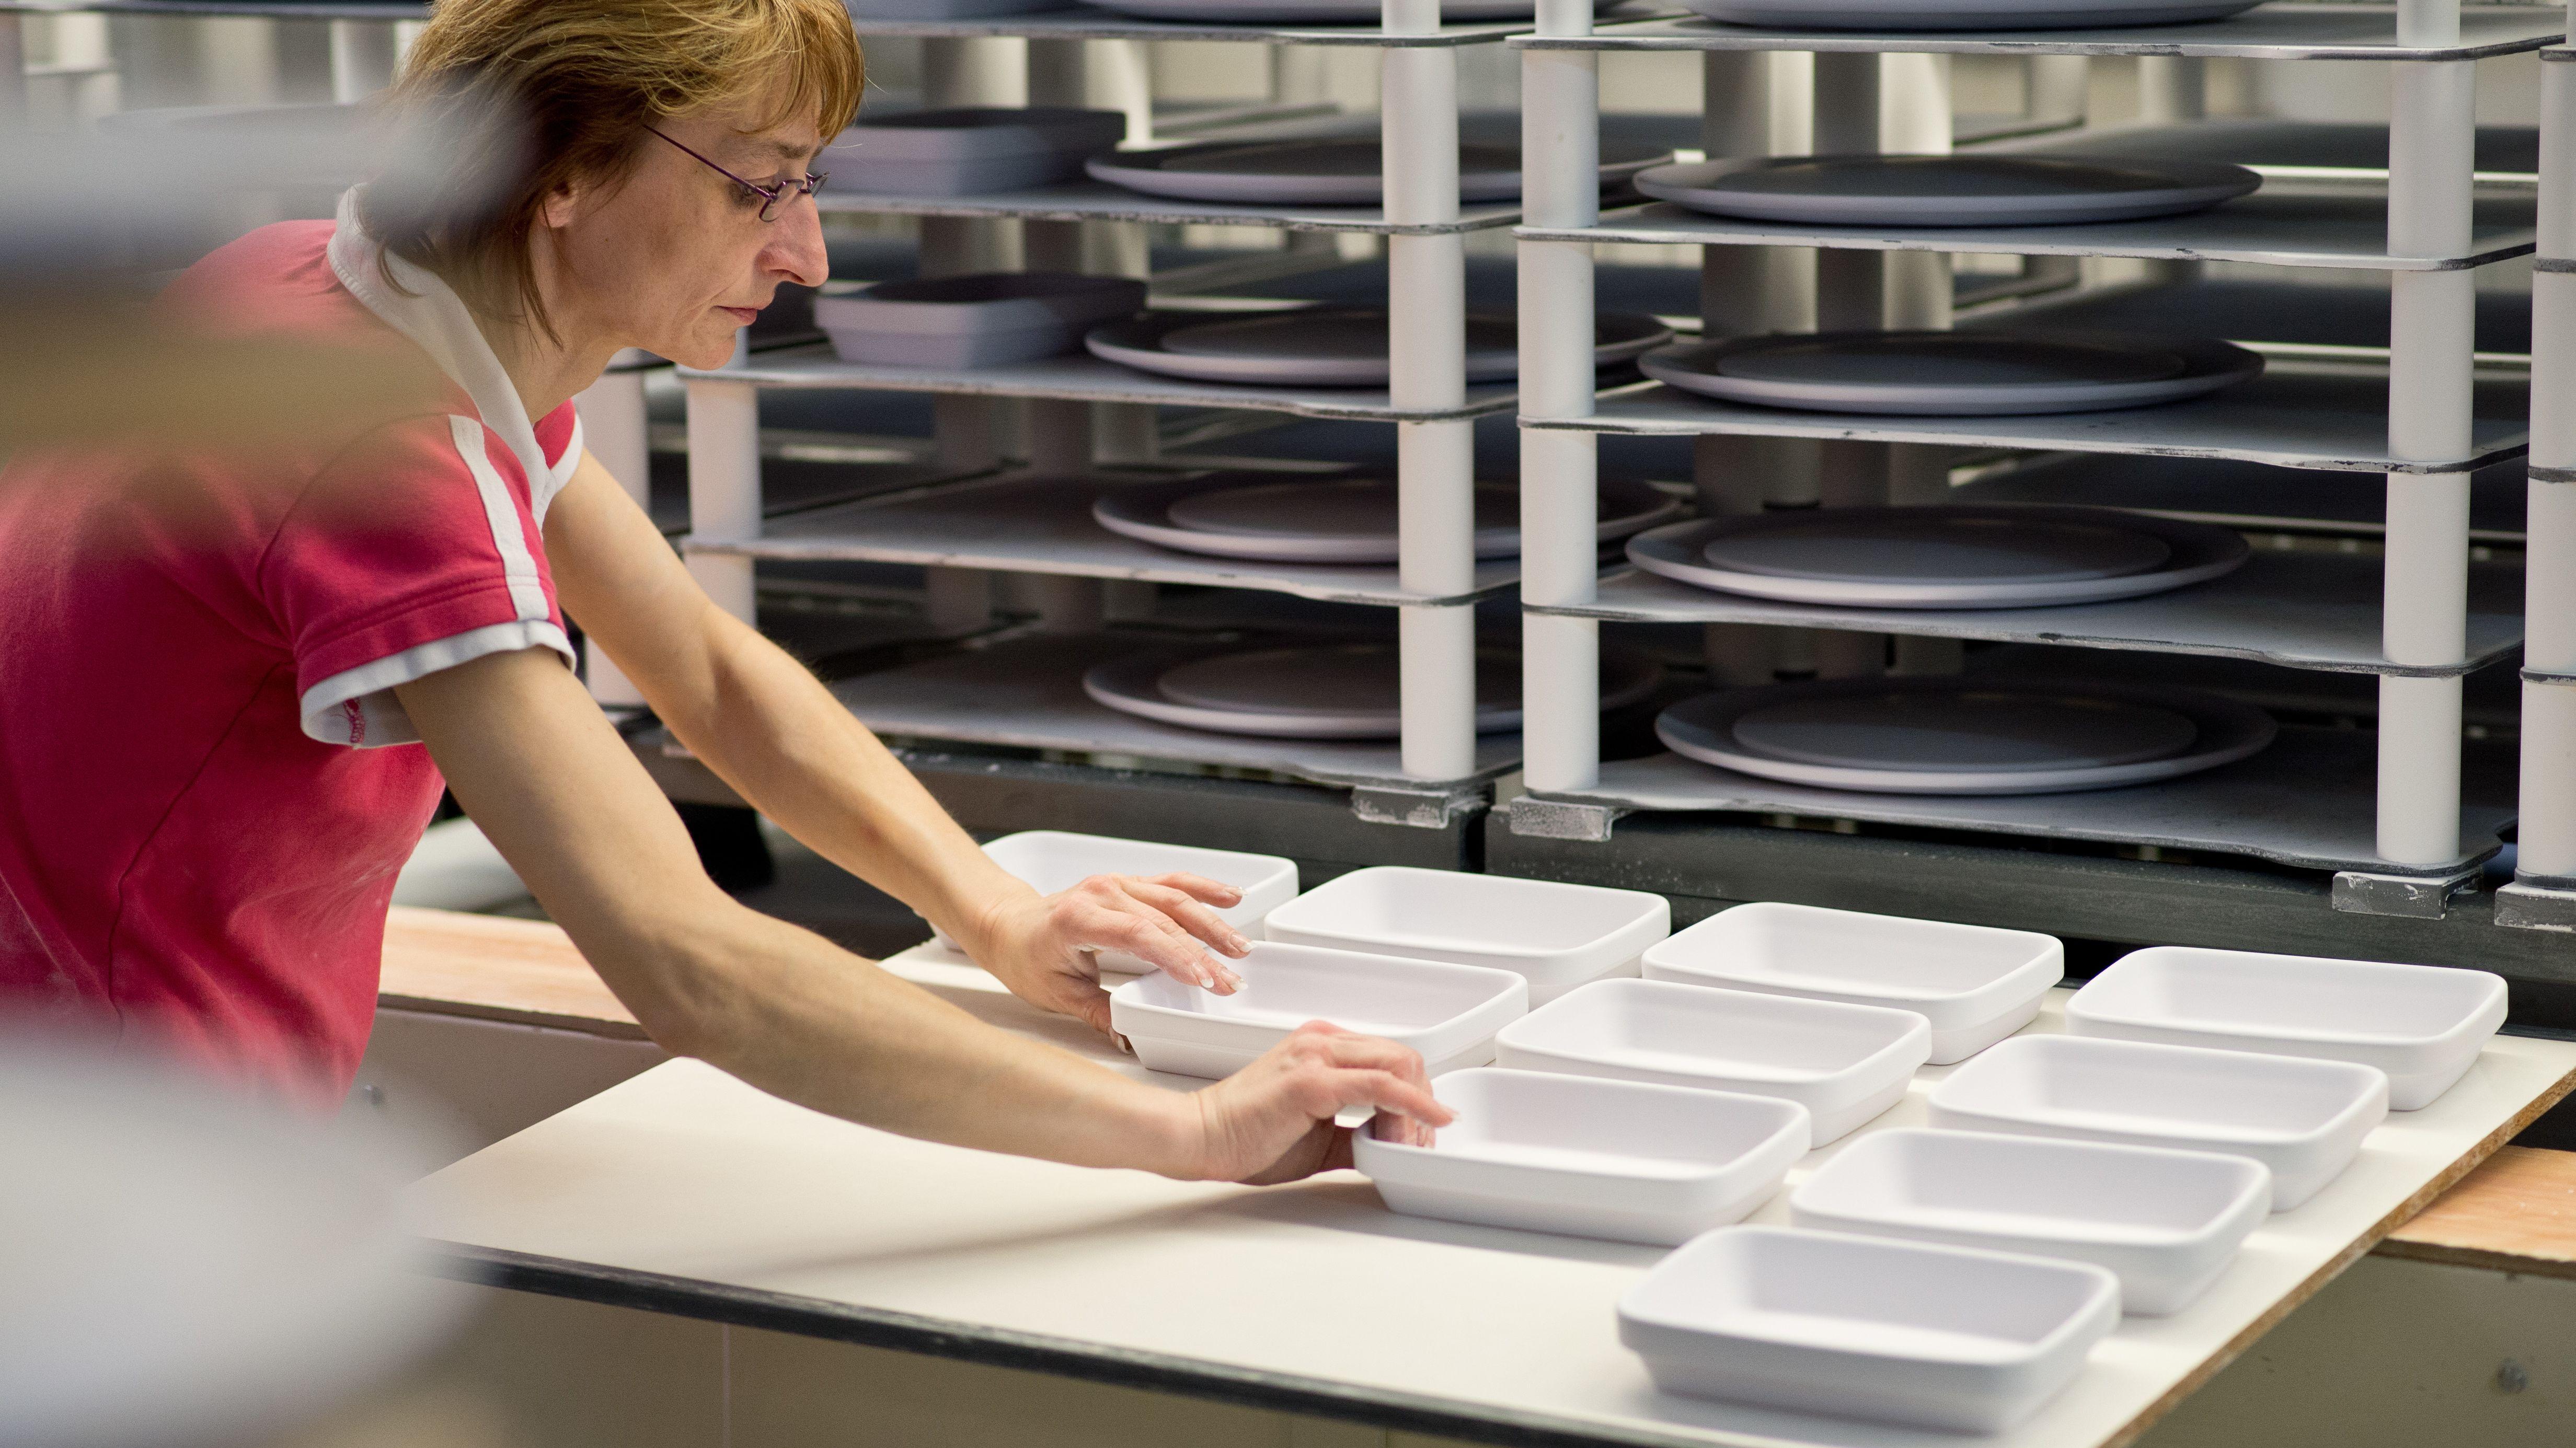 Eine Frau bei der Herstellung von Porzellangeschirr